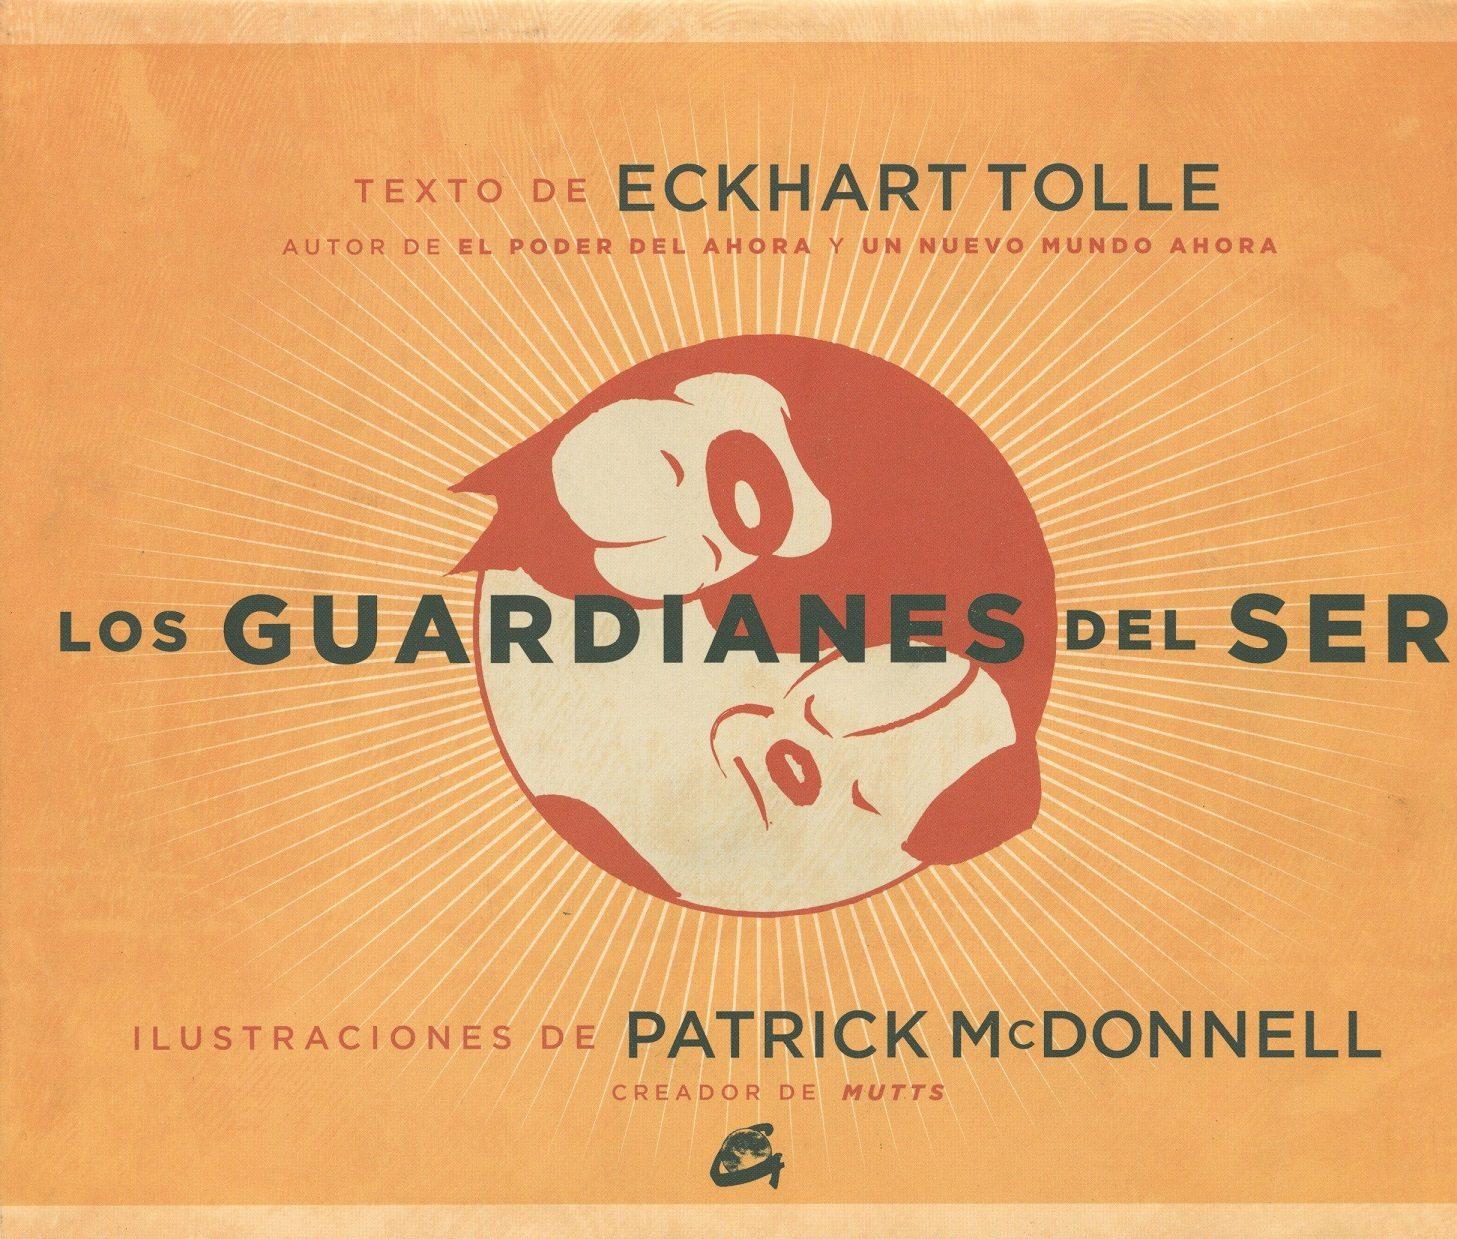 Los guardianes del ser eckhart tolle comprar libro 9788484452621 los guardianes del ser eckhart tolle 9788484452621 chale un vistazo fandeluxe Image collections